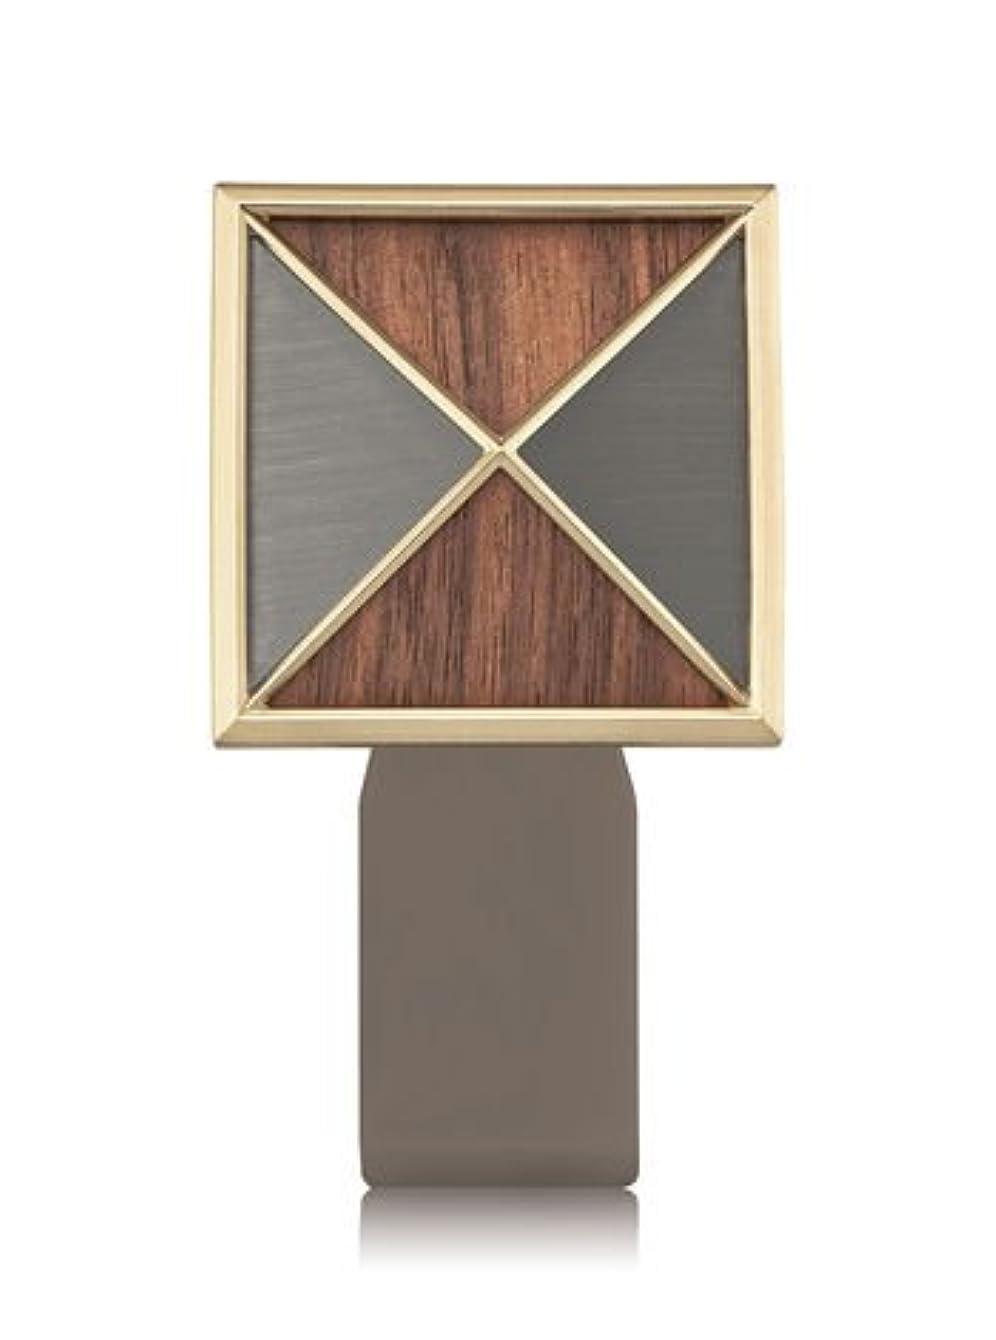 の間で深遠乗算【Bath&Body Works/バス&ボディワークス】 ルームフレグランス プラグインスターター (本体のみ) テクスチャーシールド Wallflowers Fragrance Plug Textured Shield [並行輸入品]